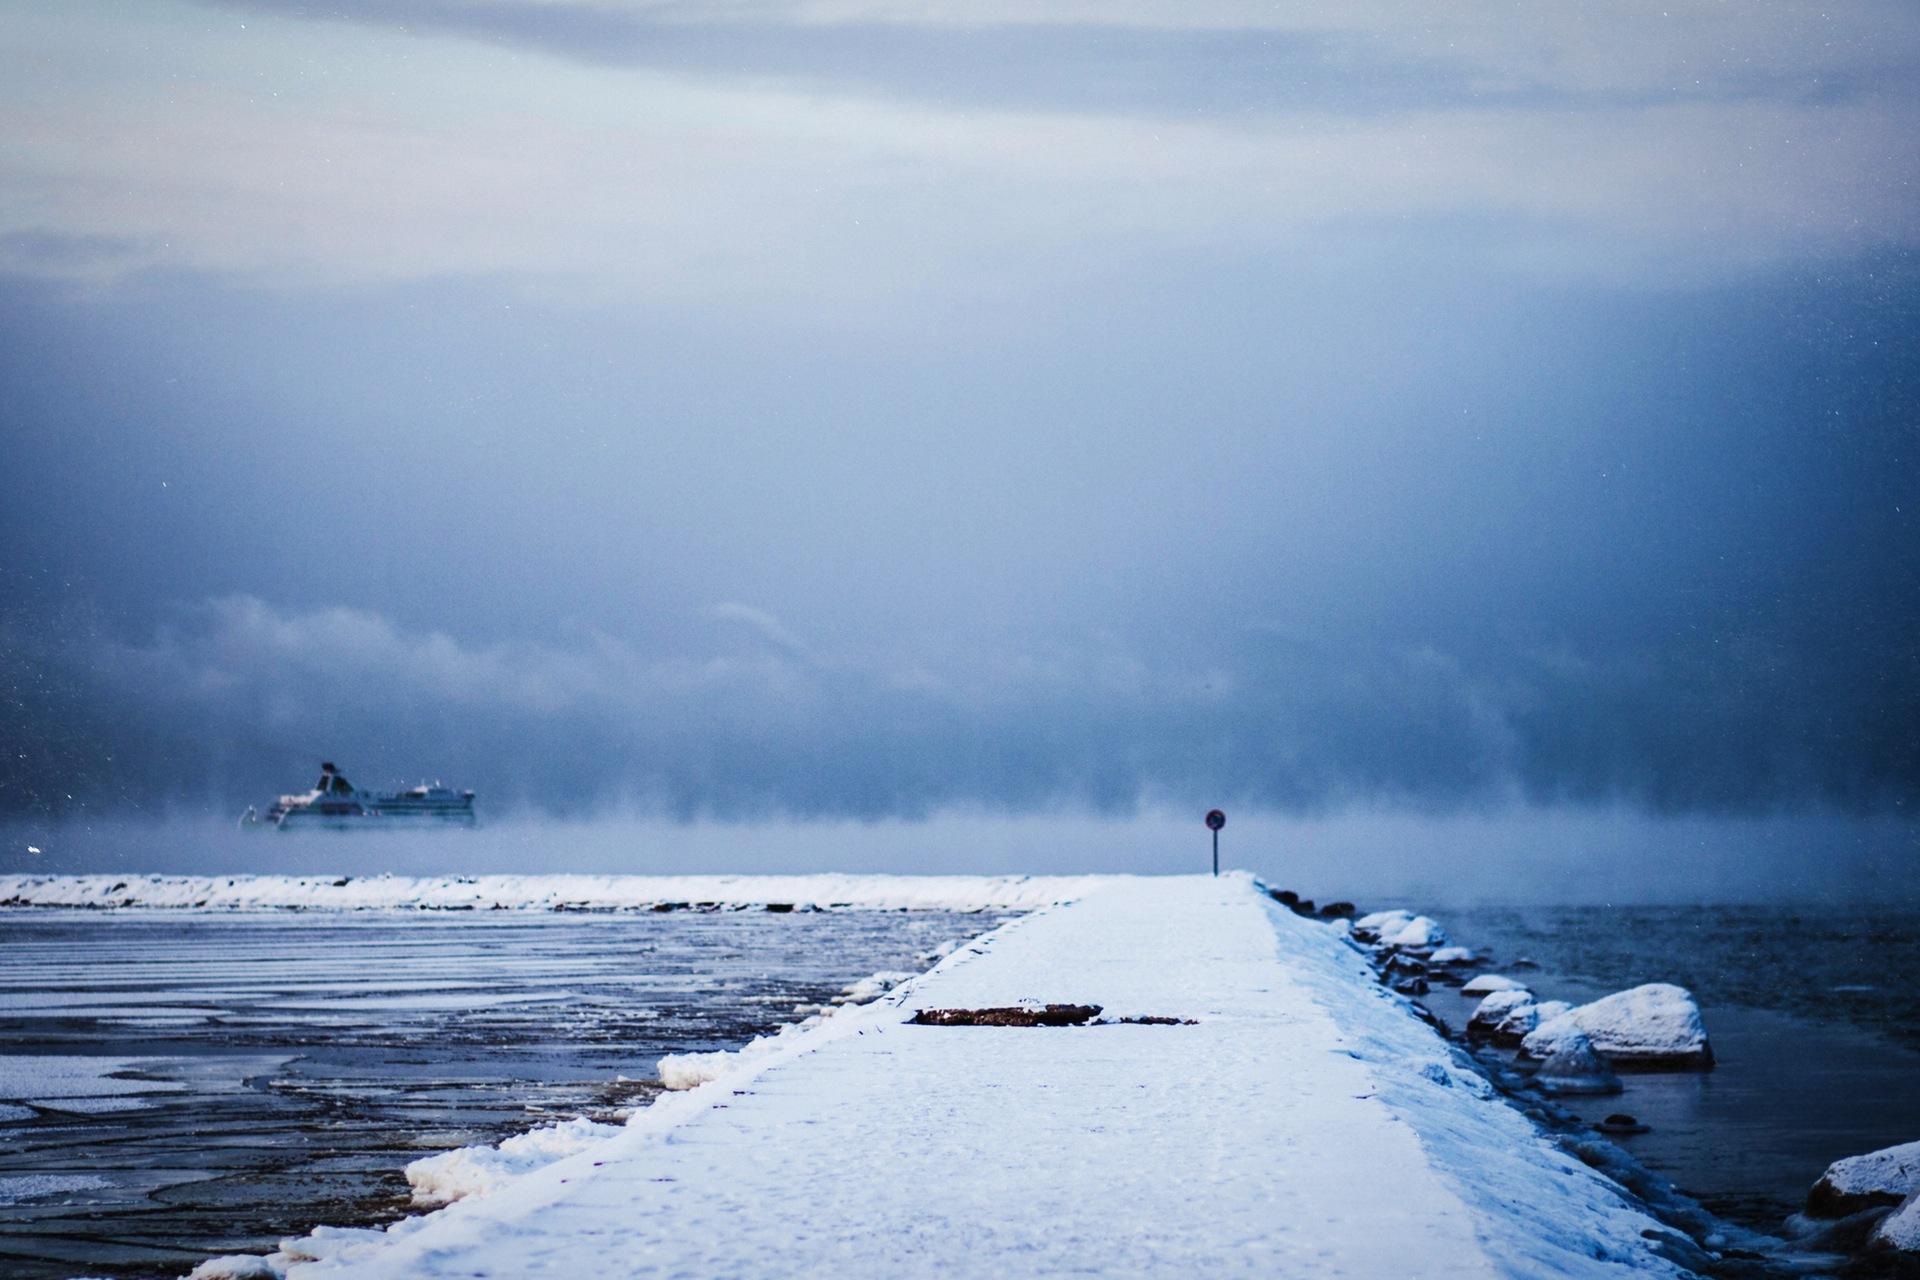 neve, ghiaccio, Mare, Ocean, Inverno, barca - Sfondi HD - Professor-falken.com